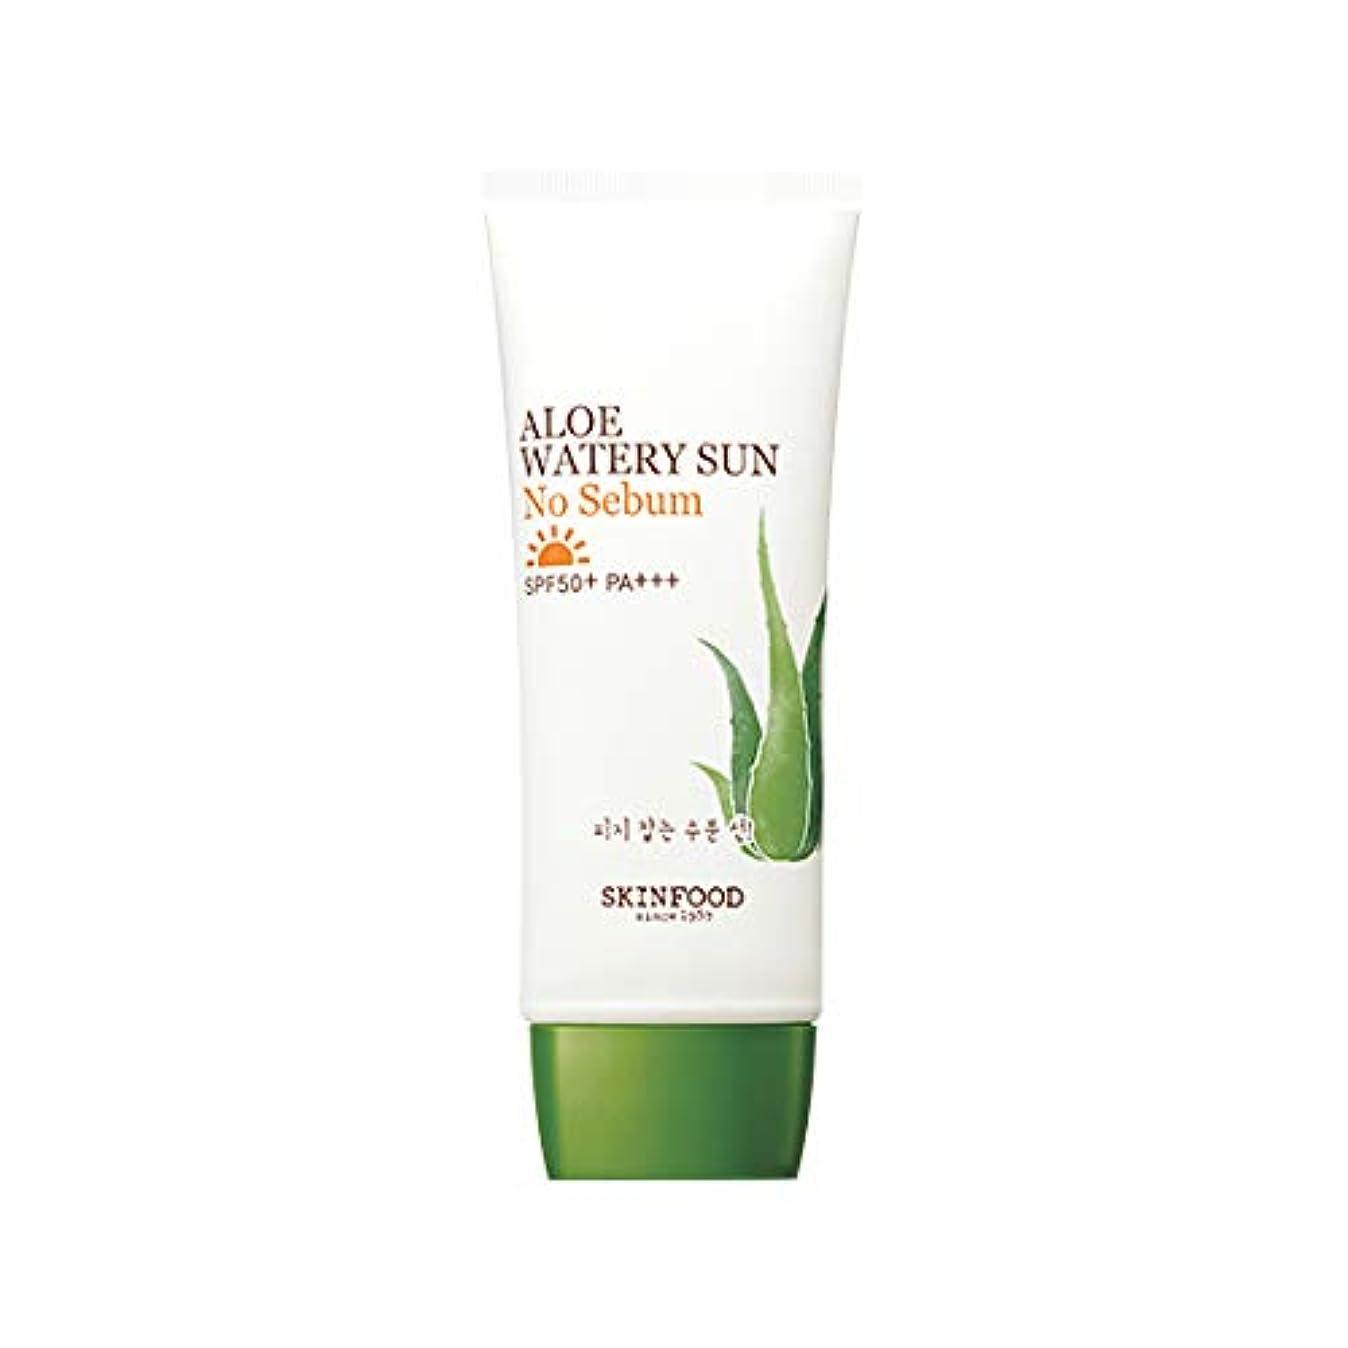 解釈的ハンディ最大Skinfood アロエ水っぽい太陽なし皮脂SPF50 + PA +++ / Aloe Watery Sun No Sebum SPF50+ PA+++ 50ml [並行輸入品]